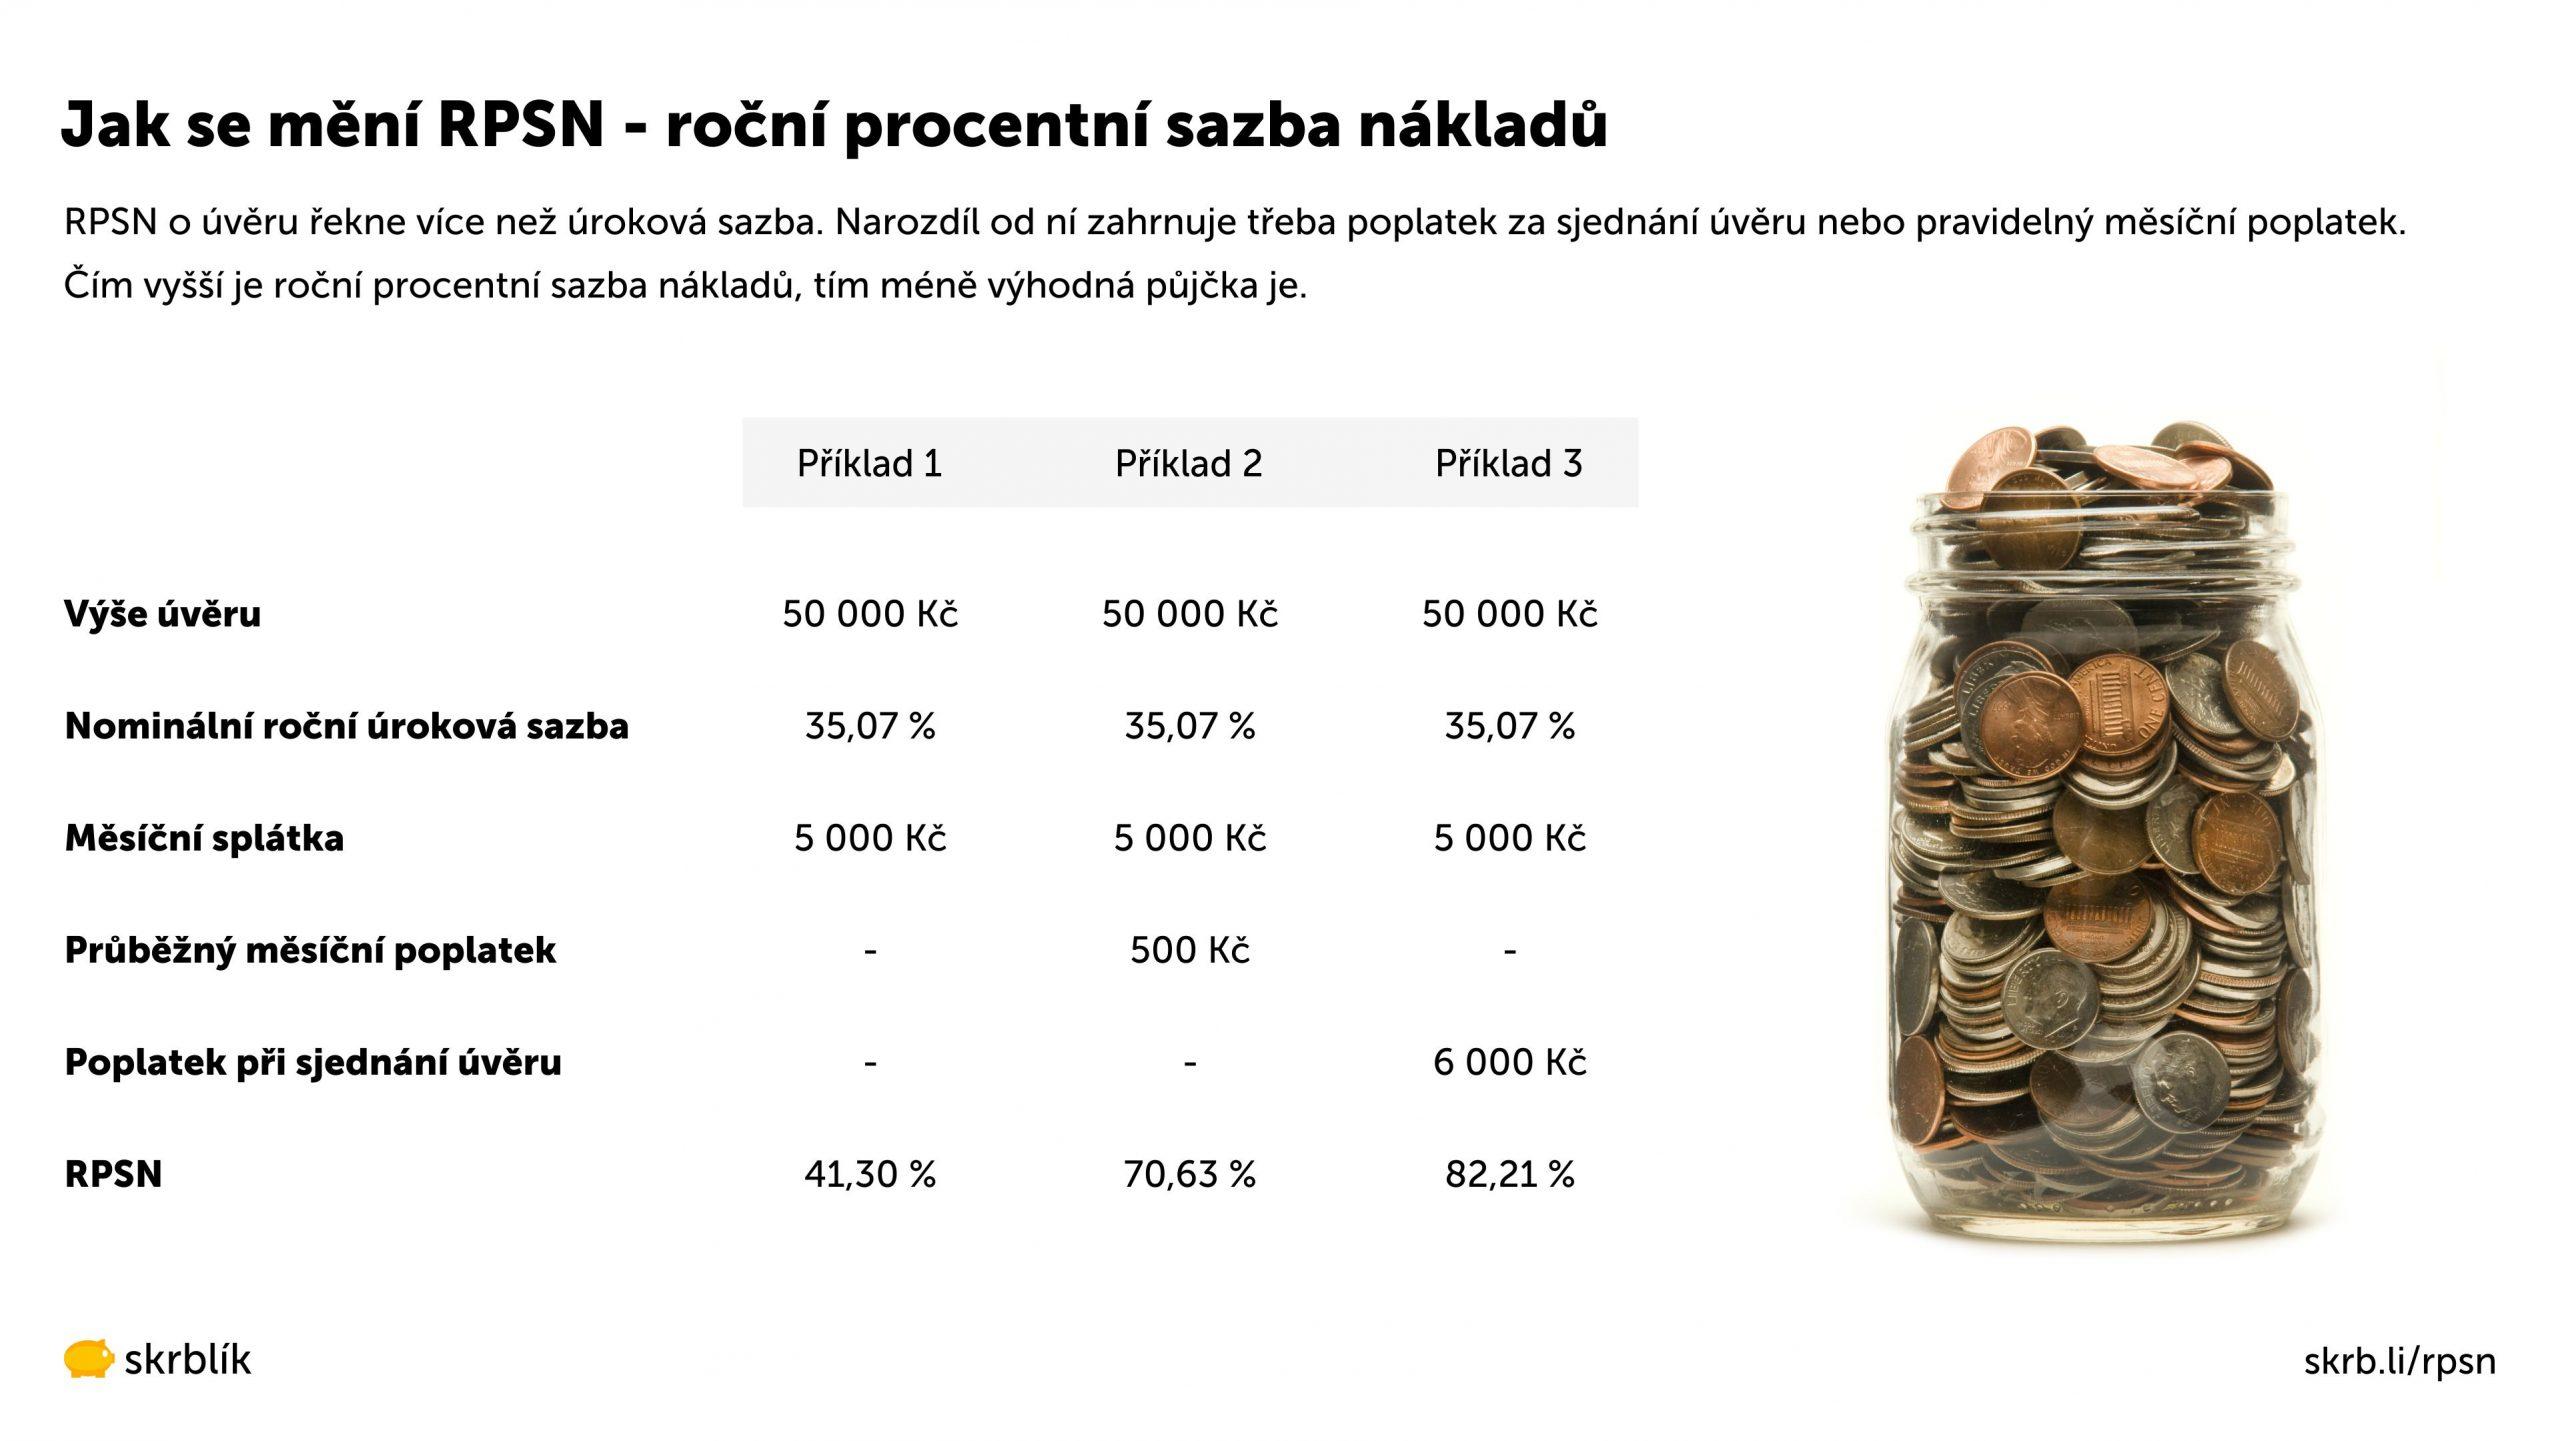 RPSN - roční procentní sazba nákladů